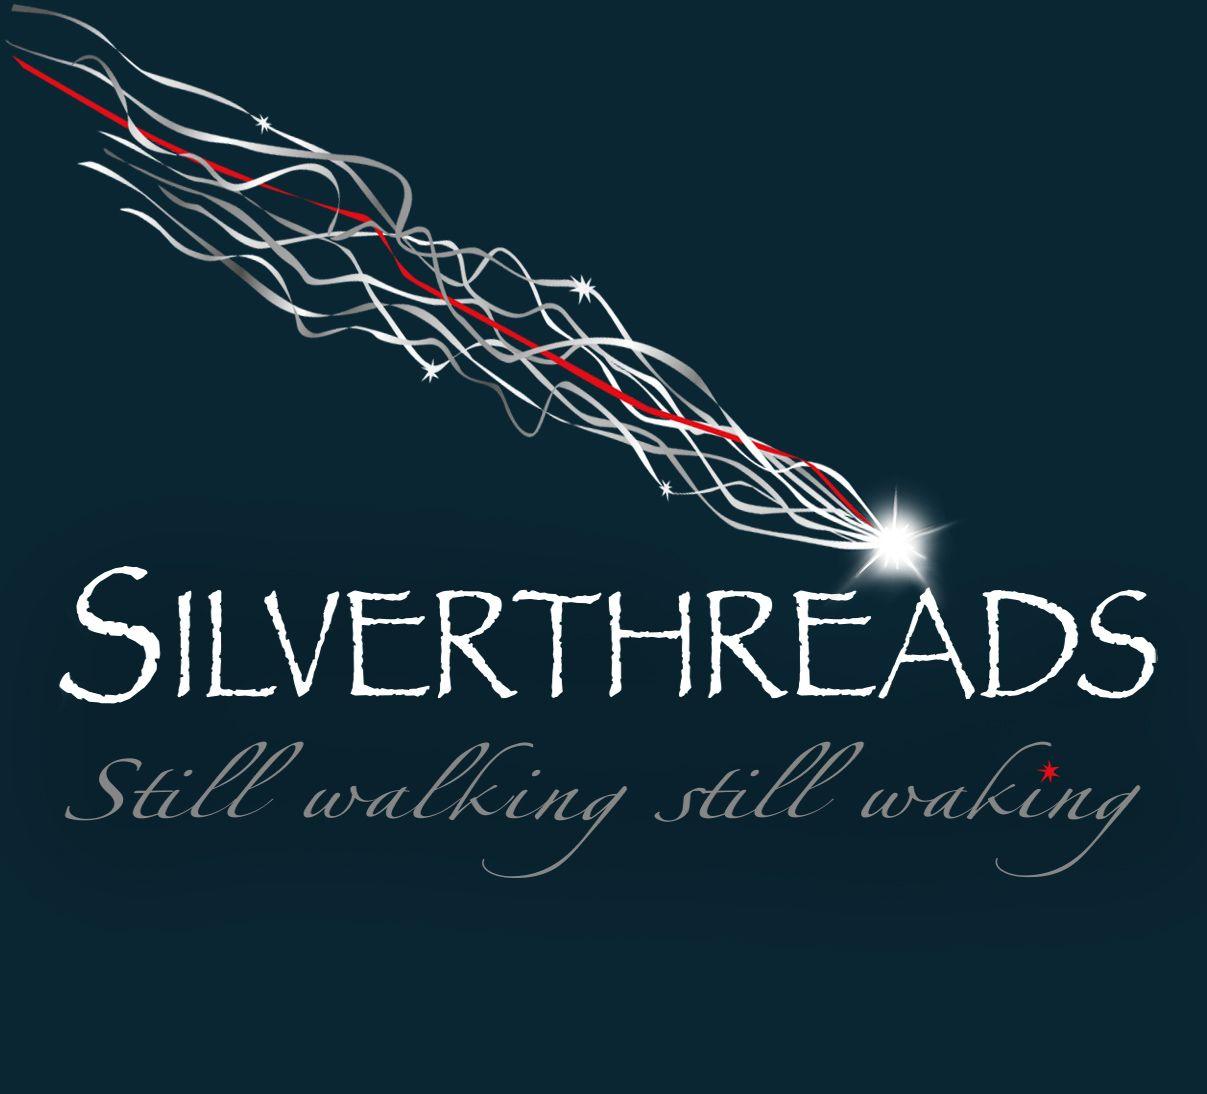 silver threads, still walking, still waking